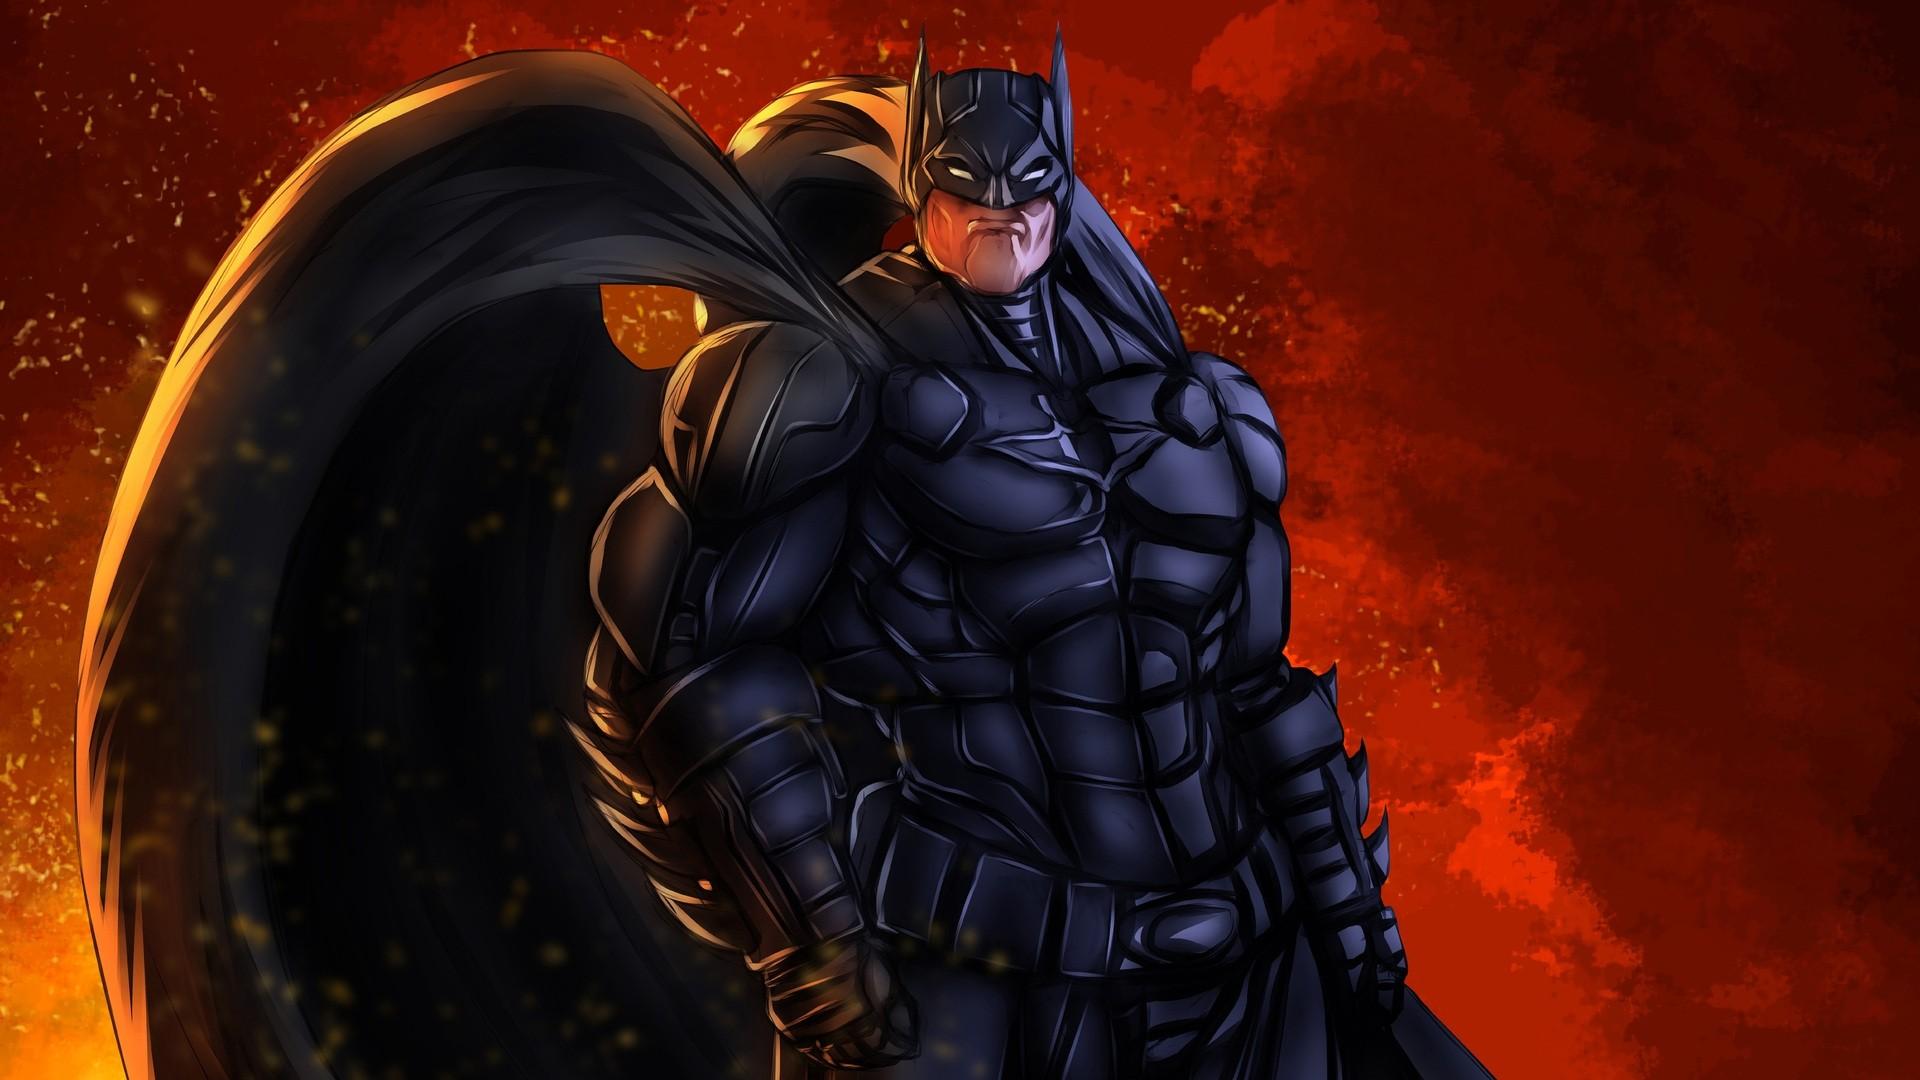 Batman Art HD Wallpaper